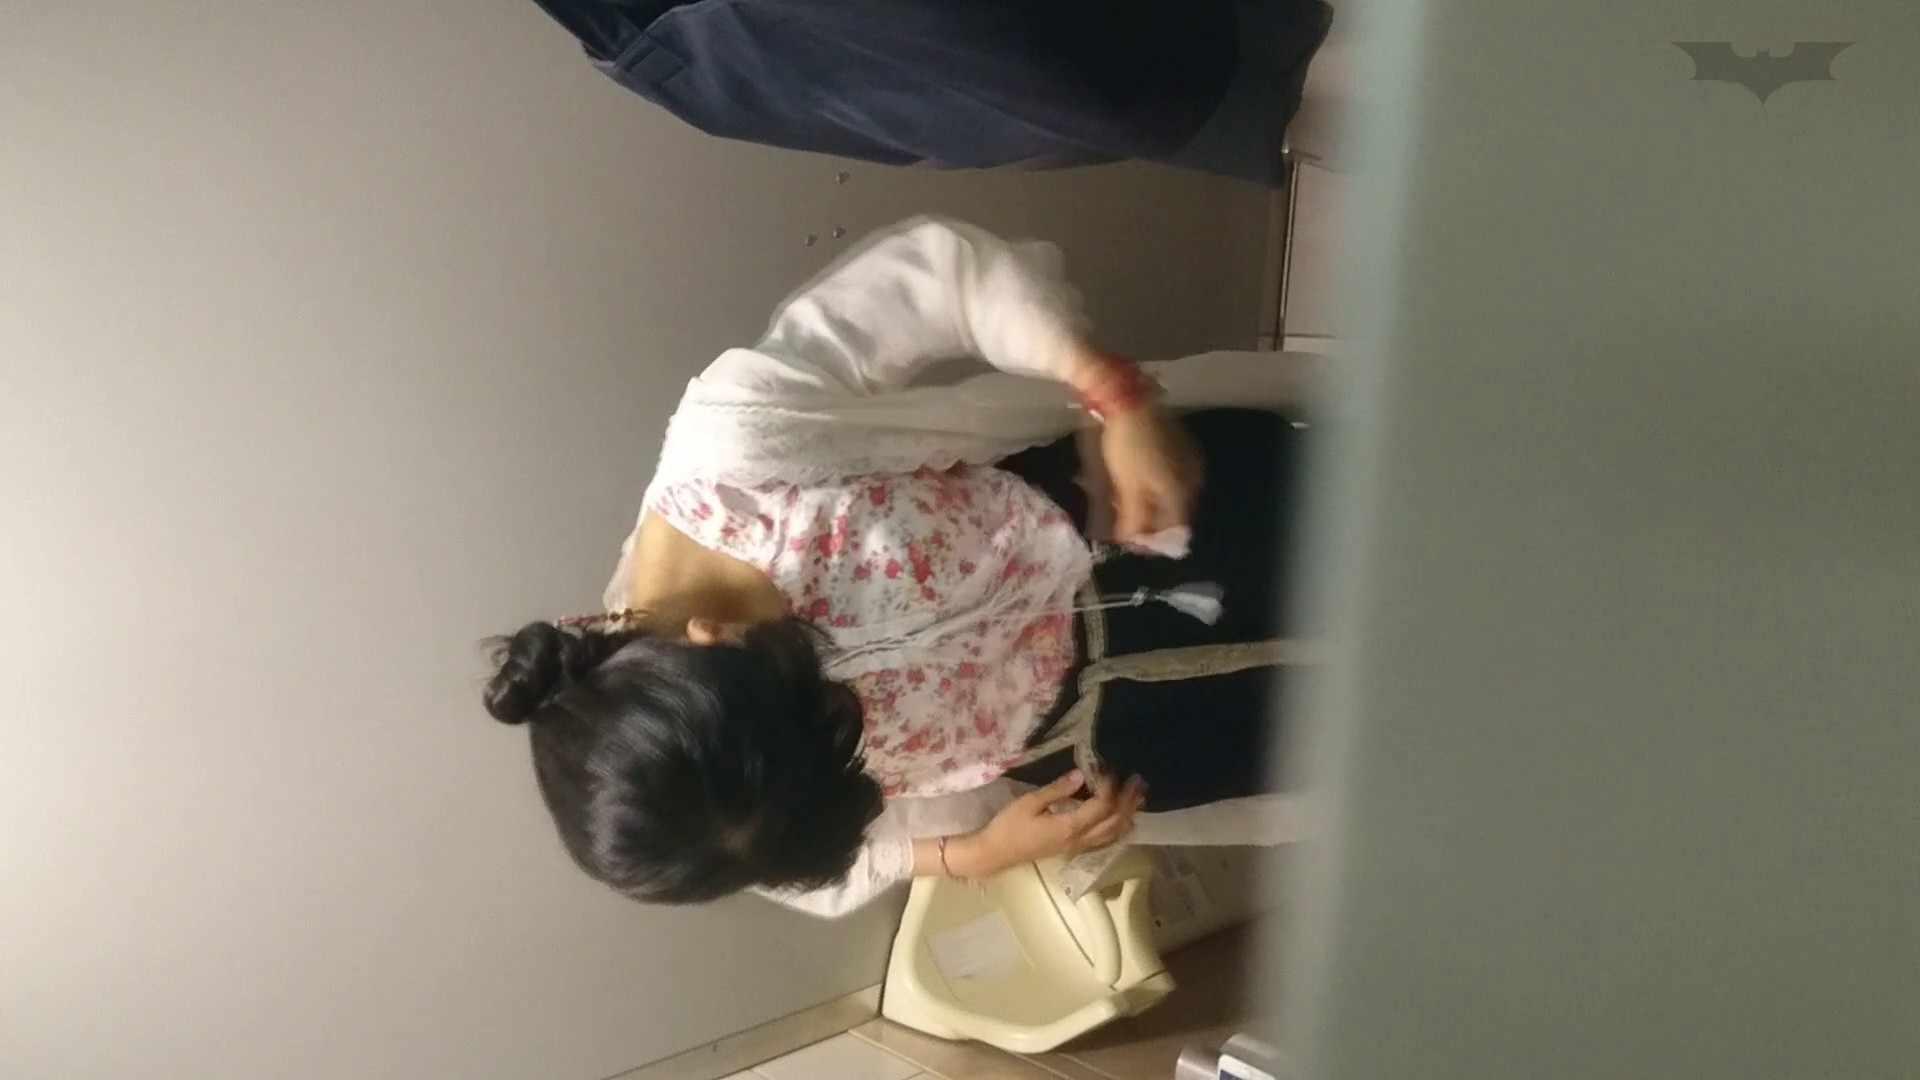 化粧室絵巻 ショッピングモール編 VOL.25 高評価  56PIX 12